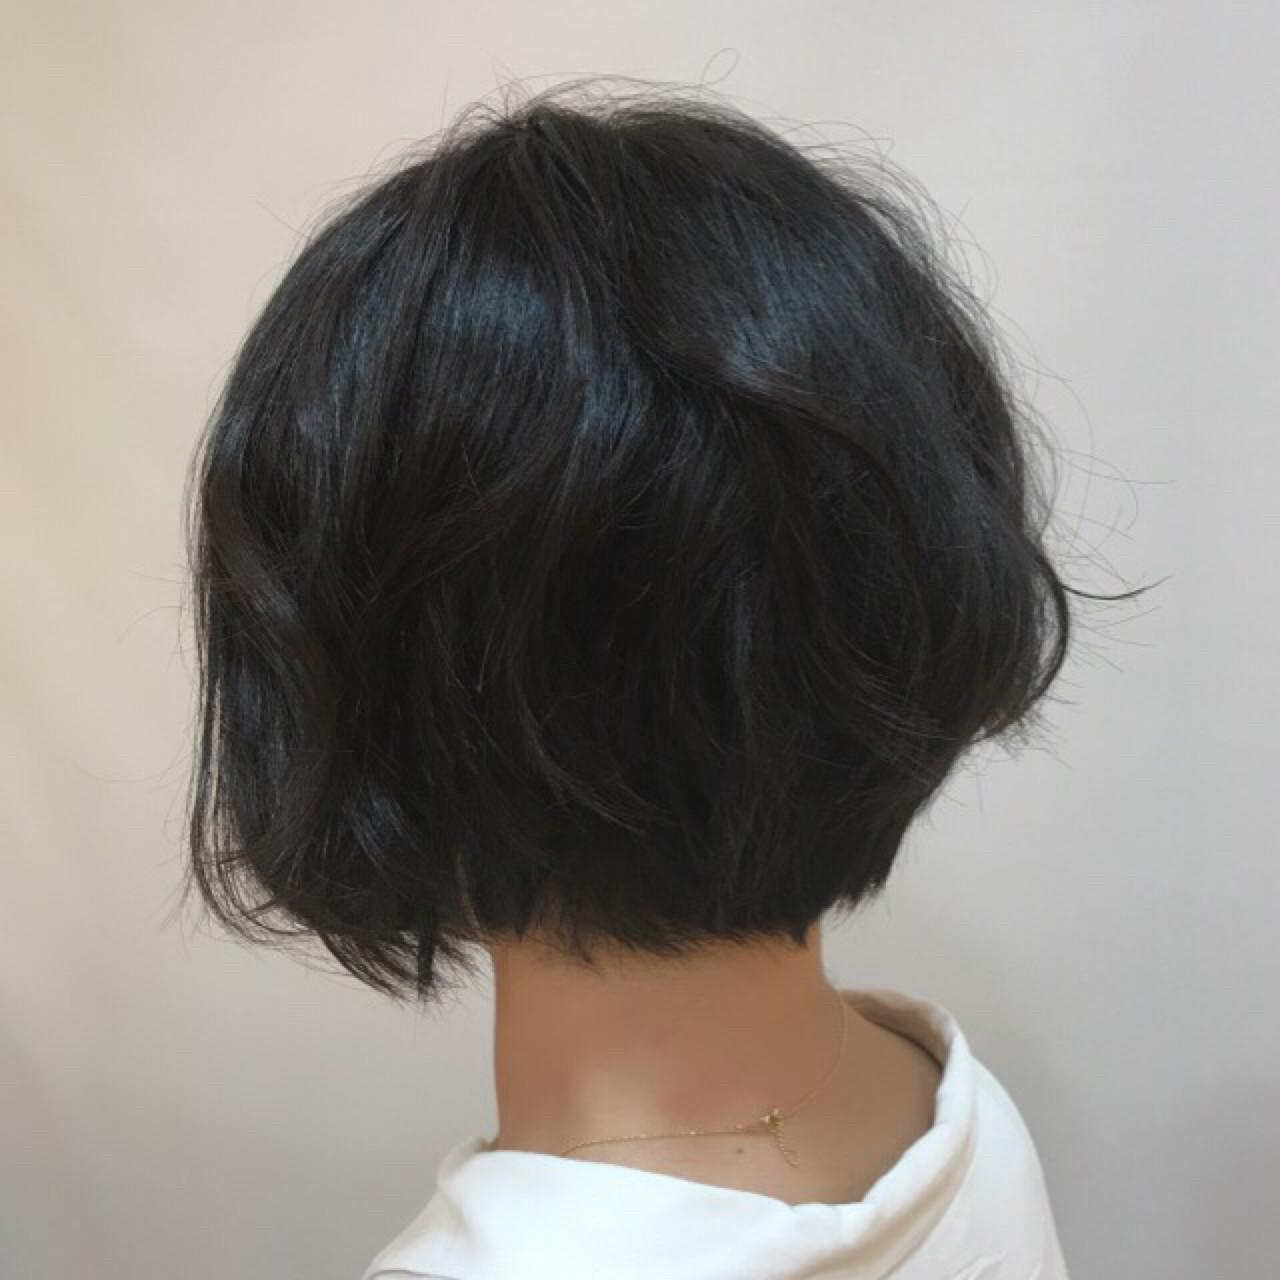 ナチュラル グラデーションカラー パーマ ショートボブヘアスタイルや髪型の写真・画像